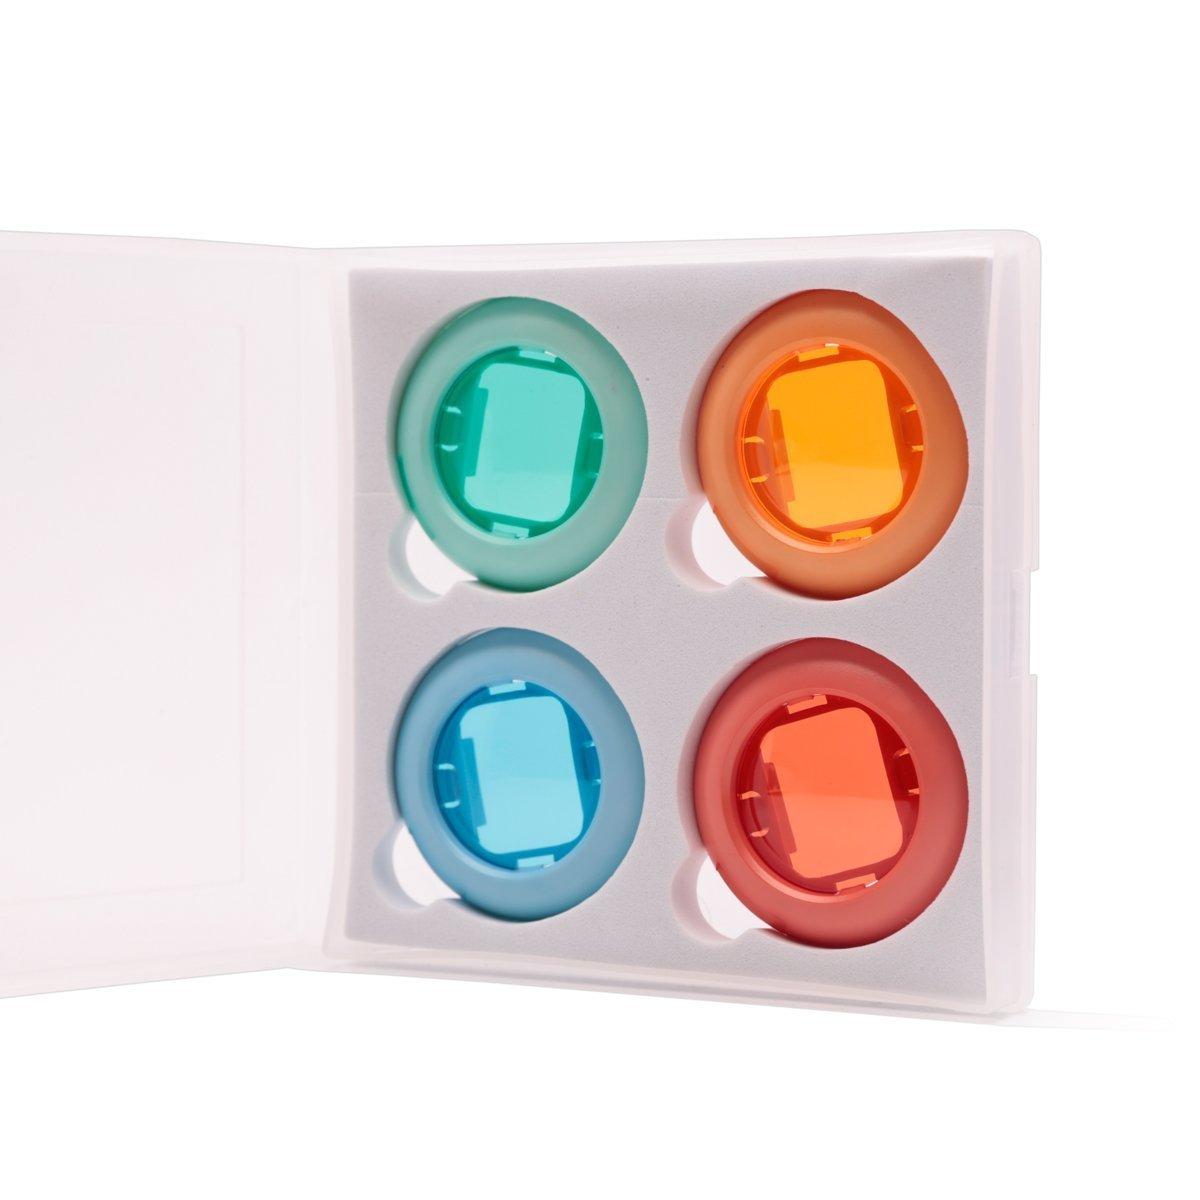 ハローへロリ FUJIFILM インスタントハローキティカメラ チェキ カラー接写レンズ Instax Mini7S/ Instax Mini 8/8+/ Poloroid PIC 300専用接写レンズ 4個セット(赤、青、黄、緑)-虹色  虹色 B01M5HMZCR